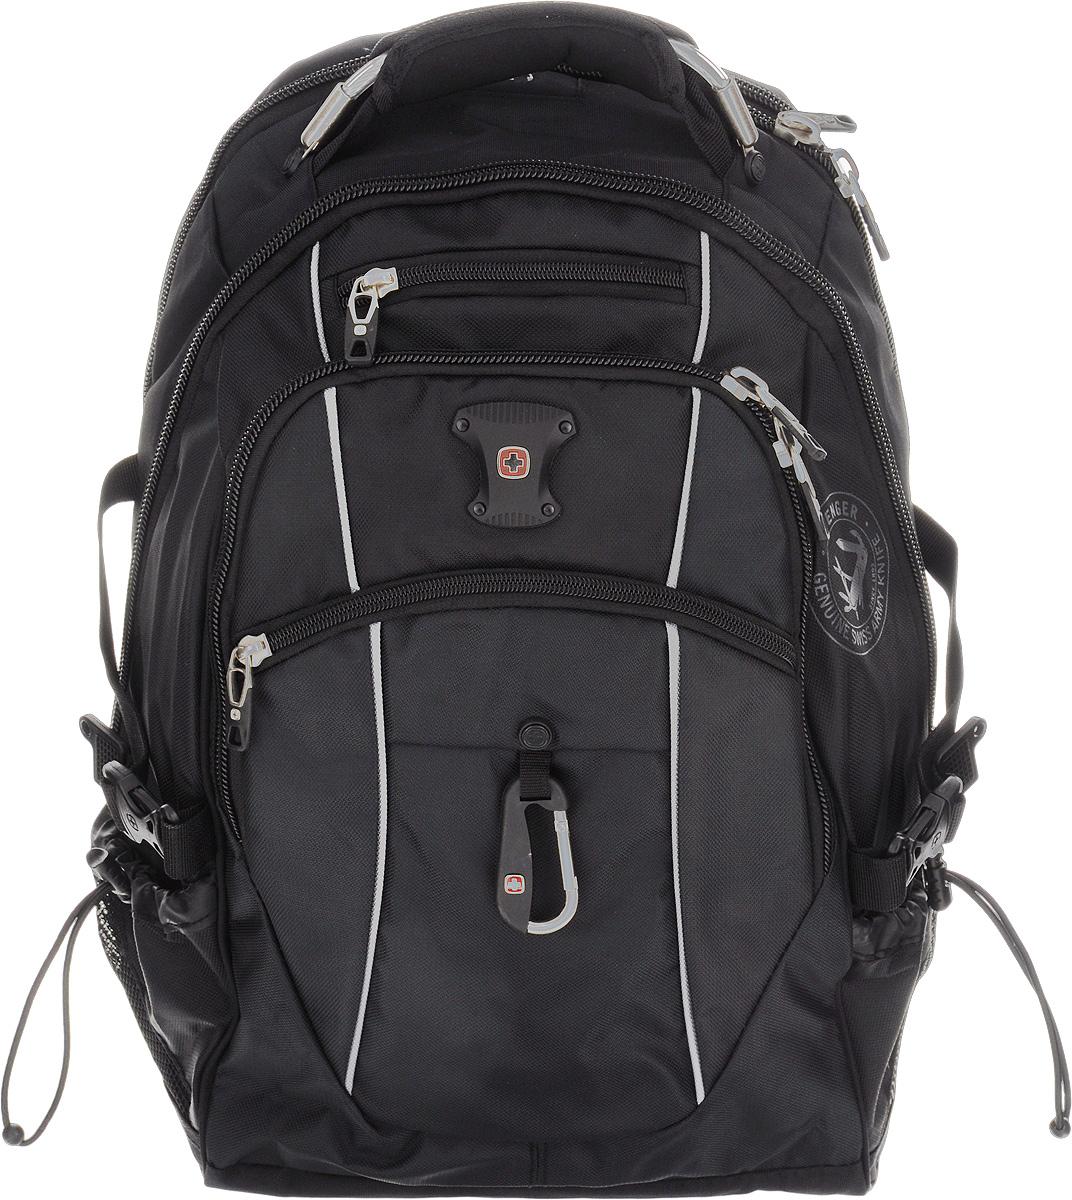 Рюкзак Wenger, цвет: черный, серый, 35 см х 23 см х 48 см, 39 л6677204410Рюкзак Wenger - это самодостаточный, многофункциональный и надежный спутник своего владельца, как и знаменитый швейцарский нож! Благодаря многофункциональности рюкзака, вы можете легко организовать свои вещи, отправив ключи, мобильный телефон и еще тысячу мелочей. Рюкзаки и сумки Wenger - это прежде всего современные материалы и фурнитура от надежных поставщиков и швейцарский контроль качества, благодаря которому репутация компании была и остается столь высокой. Продуманная конструкция и современные технологии проявляются главным образом в потрясающей надежности рюкзаков и сумок Wenger. А ведь надежность - самое важное качество и в амуниции, и в людях! Особенности рюкзака:Отделение подходит для большинства ноутбуков с диагональю экрана 15 дюймов.Внутренний карман для МР3-плеера с внешним выходом для наушников.Эргономичные плечевые ремни анатомической формы с пропускающей воздух набивной подкладкой для комфортного ношения рюкзака. Система циркуляции воздуха AIRFLOW для обеспечения максимального комфорта и поддержки спины.Эластичная петля на плечевом ремне позволяет хранить и легко извлекать солнцезащитные очки.Карман из эластичной растягивающейся сетки на плечевом ремне подходит для безопасного хранения большинства мобильных устройств. Удобное расположение обеспечивает быстрый доступ к телефону.Внешние карманы из эластичной сетки подходят для хранения бутылок любого размера.Внутренний карман-органайзер включает в себя съемную ключницу и многочисленные раздельные кармашки для пишущих принадлежностей, мобильного телефона и компакт-дисков.По всем вопросам гарантийного и постгарантийного обслуживания рюкзаков, чемоданов, спортивных и кожаных сумок, а также портмоне марок Wenger и SwissGear вы можете обратиться в сервис-центр, расположенный по адресу: г. Москва, Саввинская набережная, д.3. Тел: (495) 788-39-96, (499) 248-56-56, ежедневно с 9:00 до 21:00. Подробные условия гарантийного обслуживания пр